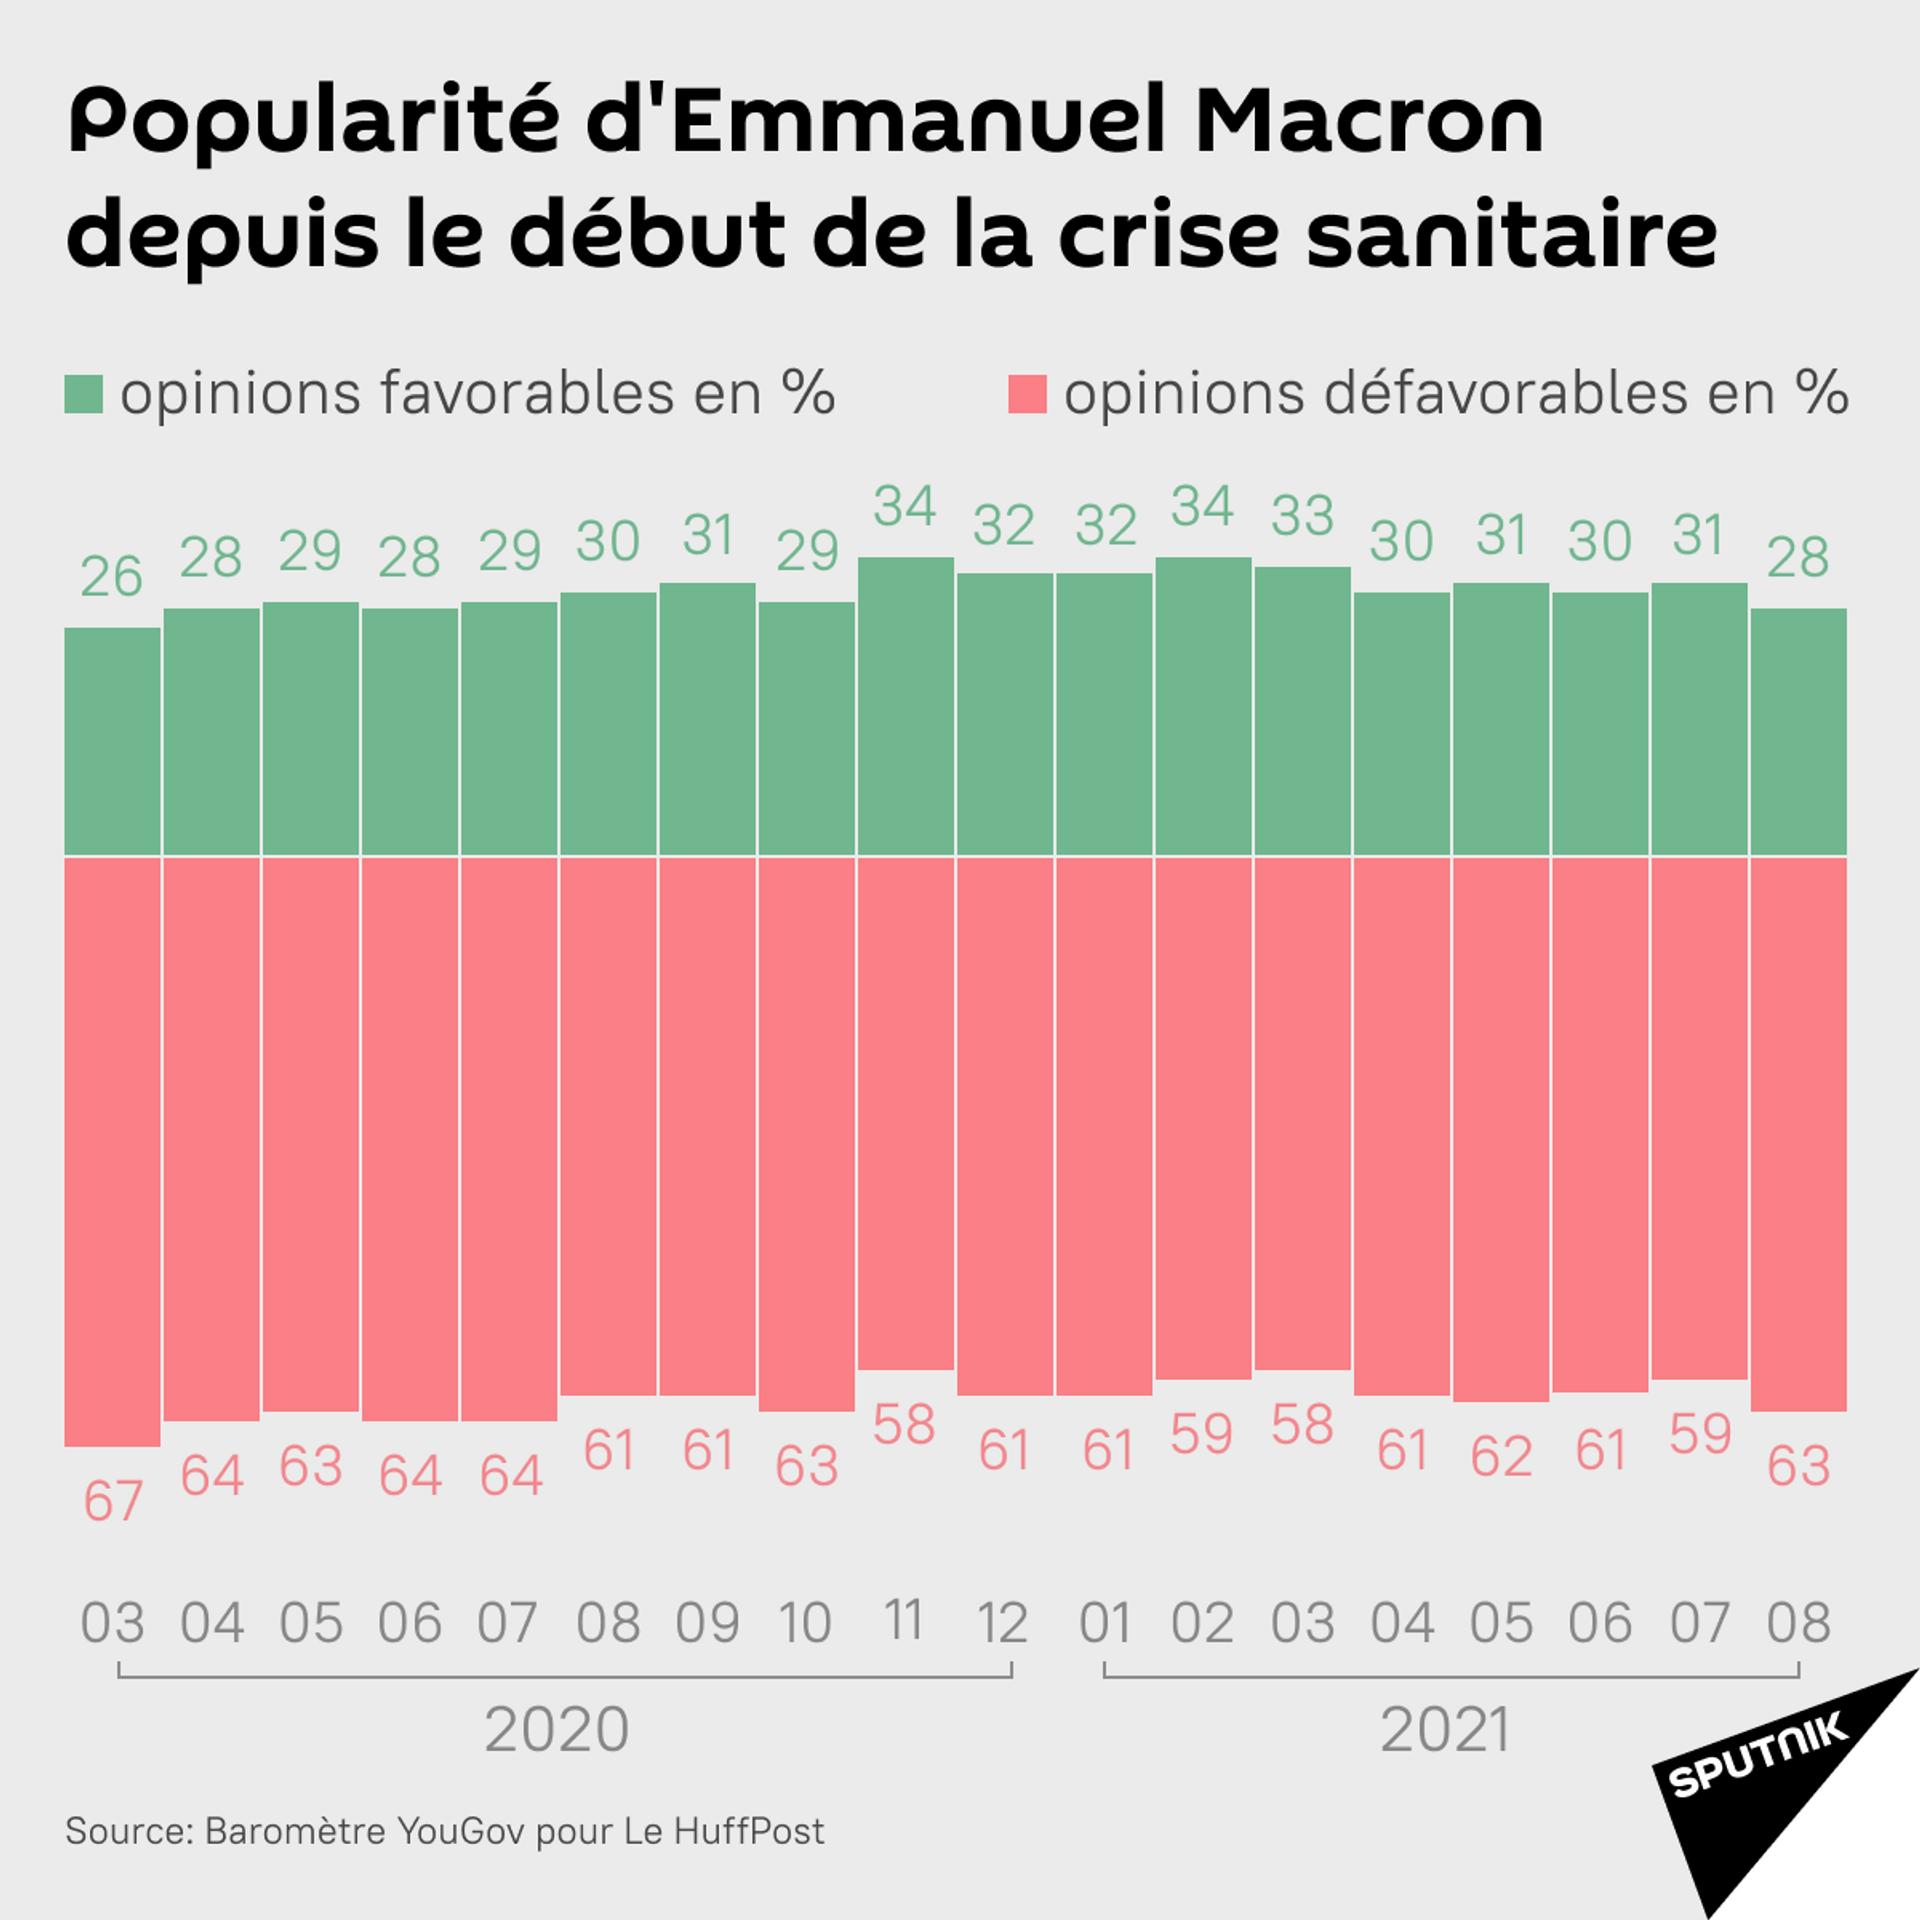 La popularité d'Emmanuel Macron lors de la crise sanitaire - Sputnik France, 1920, 21.09.2021